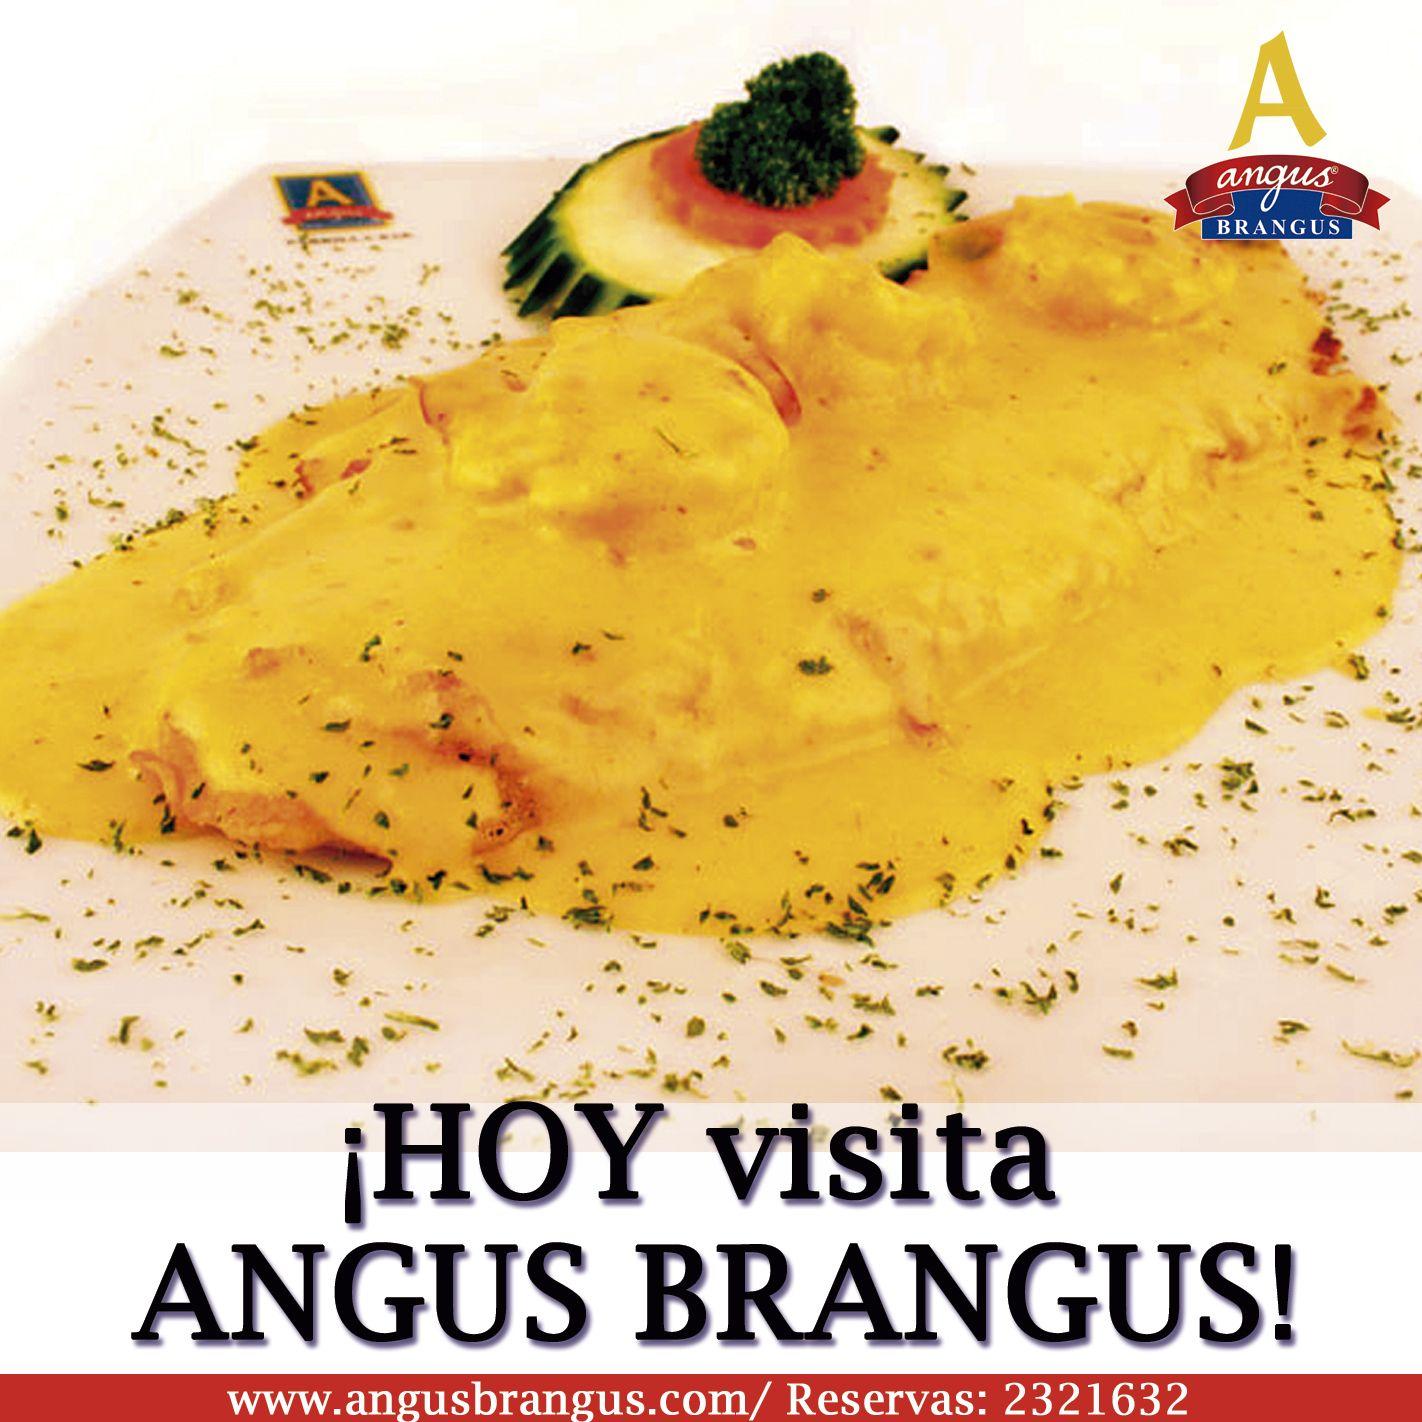 Almuerza hoy en Angus Brangus,hoy te preparamos un delicioso filete de pescado a la Polanski; bañado en salsa blanca, un toque de mostaza y langostinos. Reservas: 2321632.